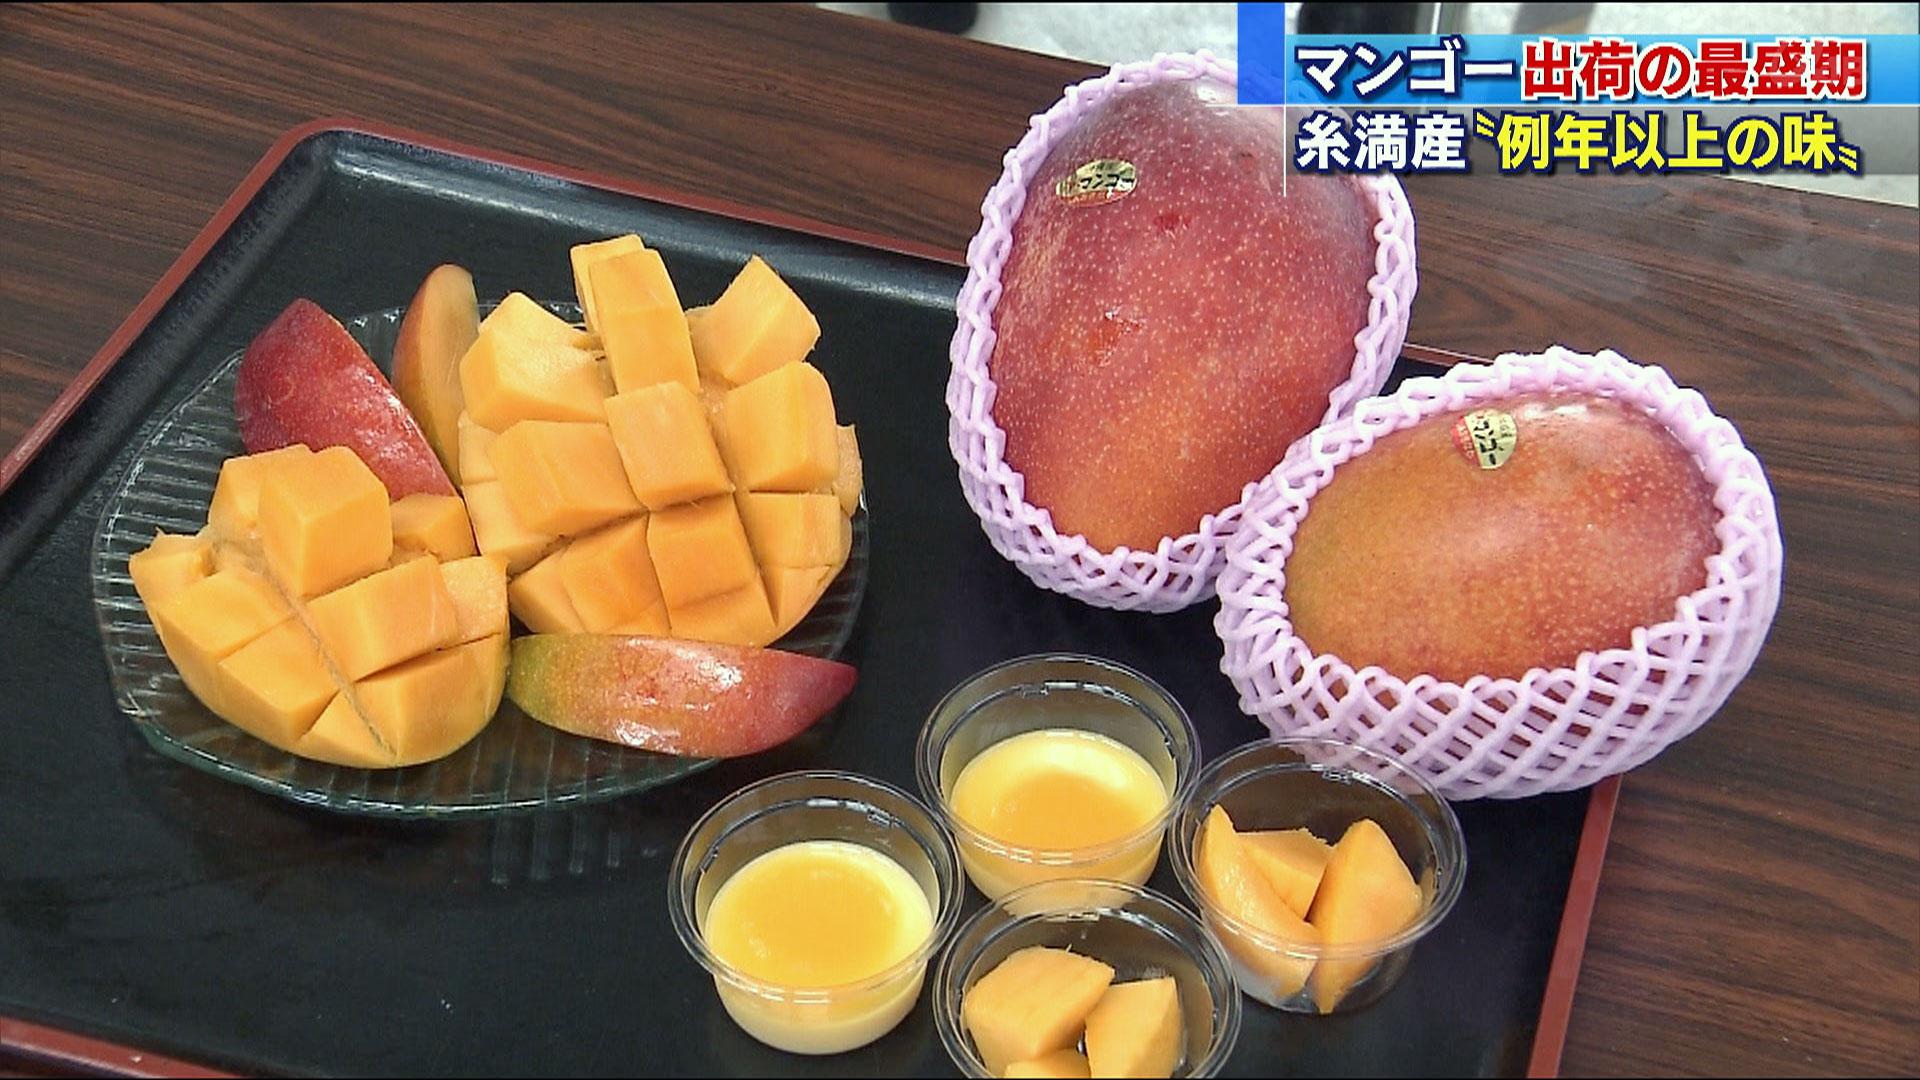 糸満産マンゴーのPRセレモニー